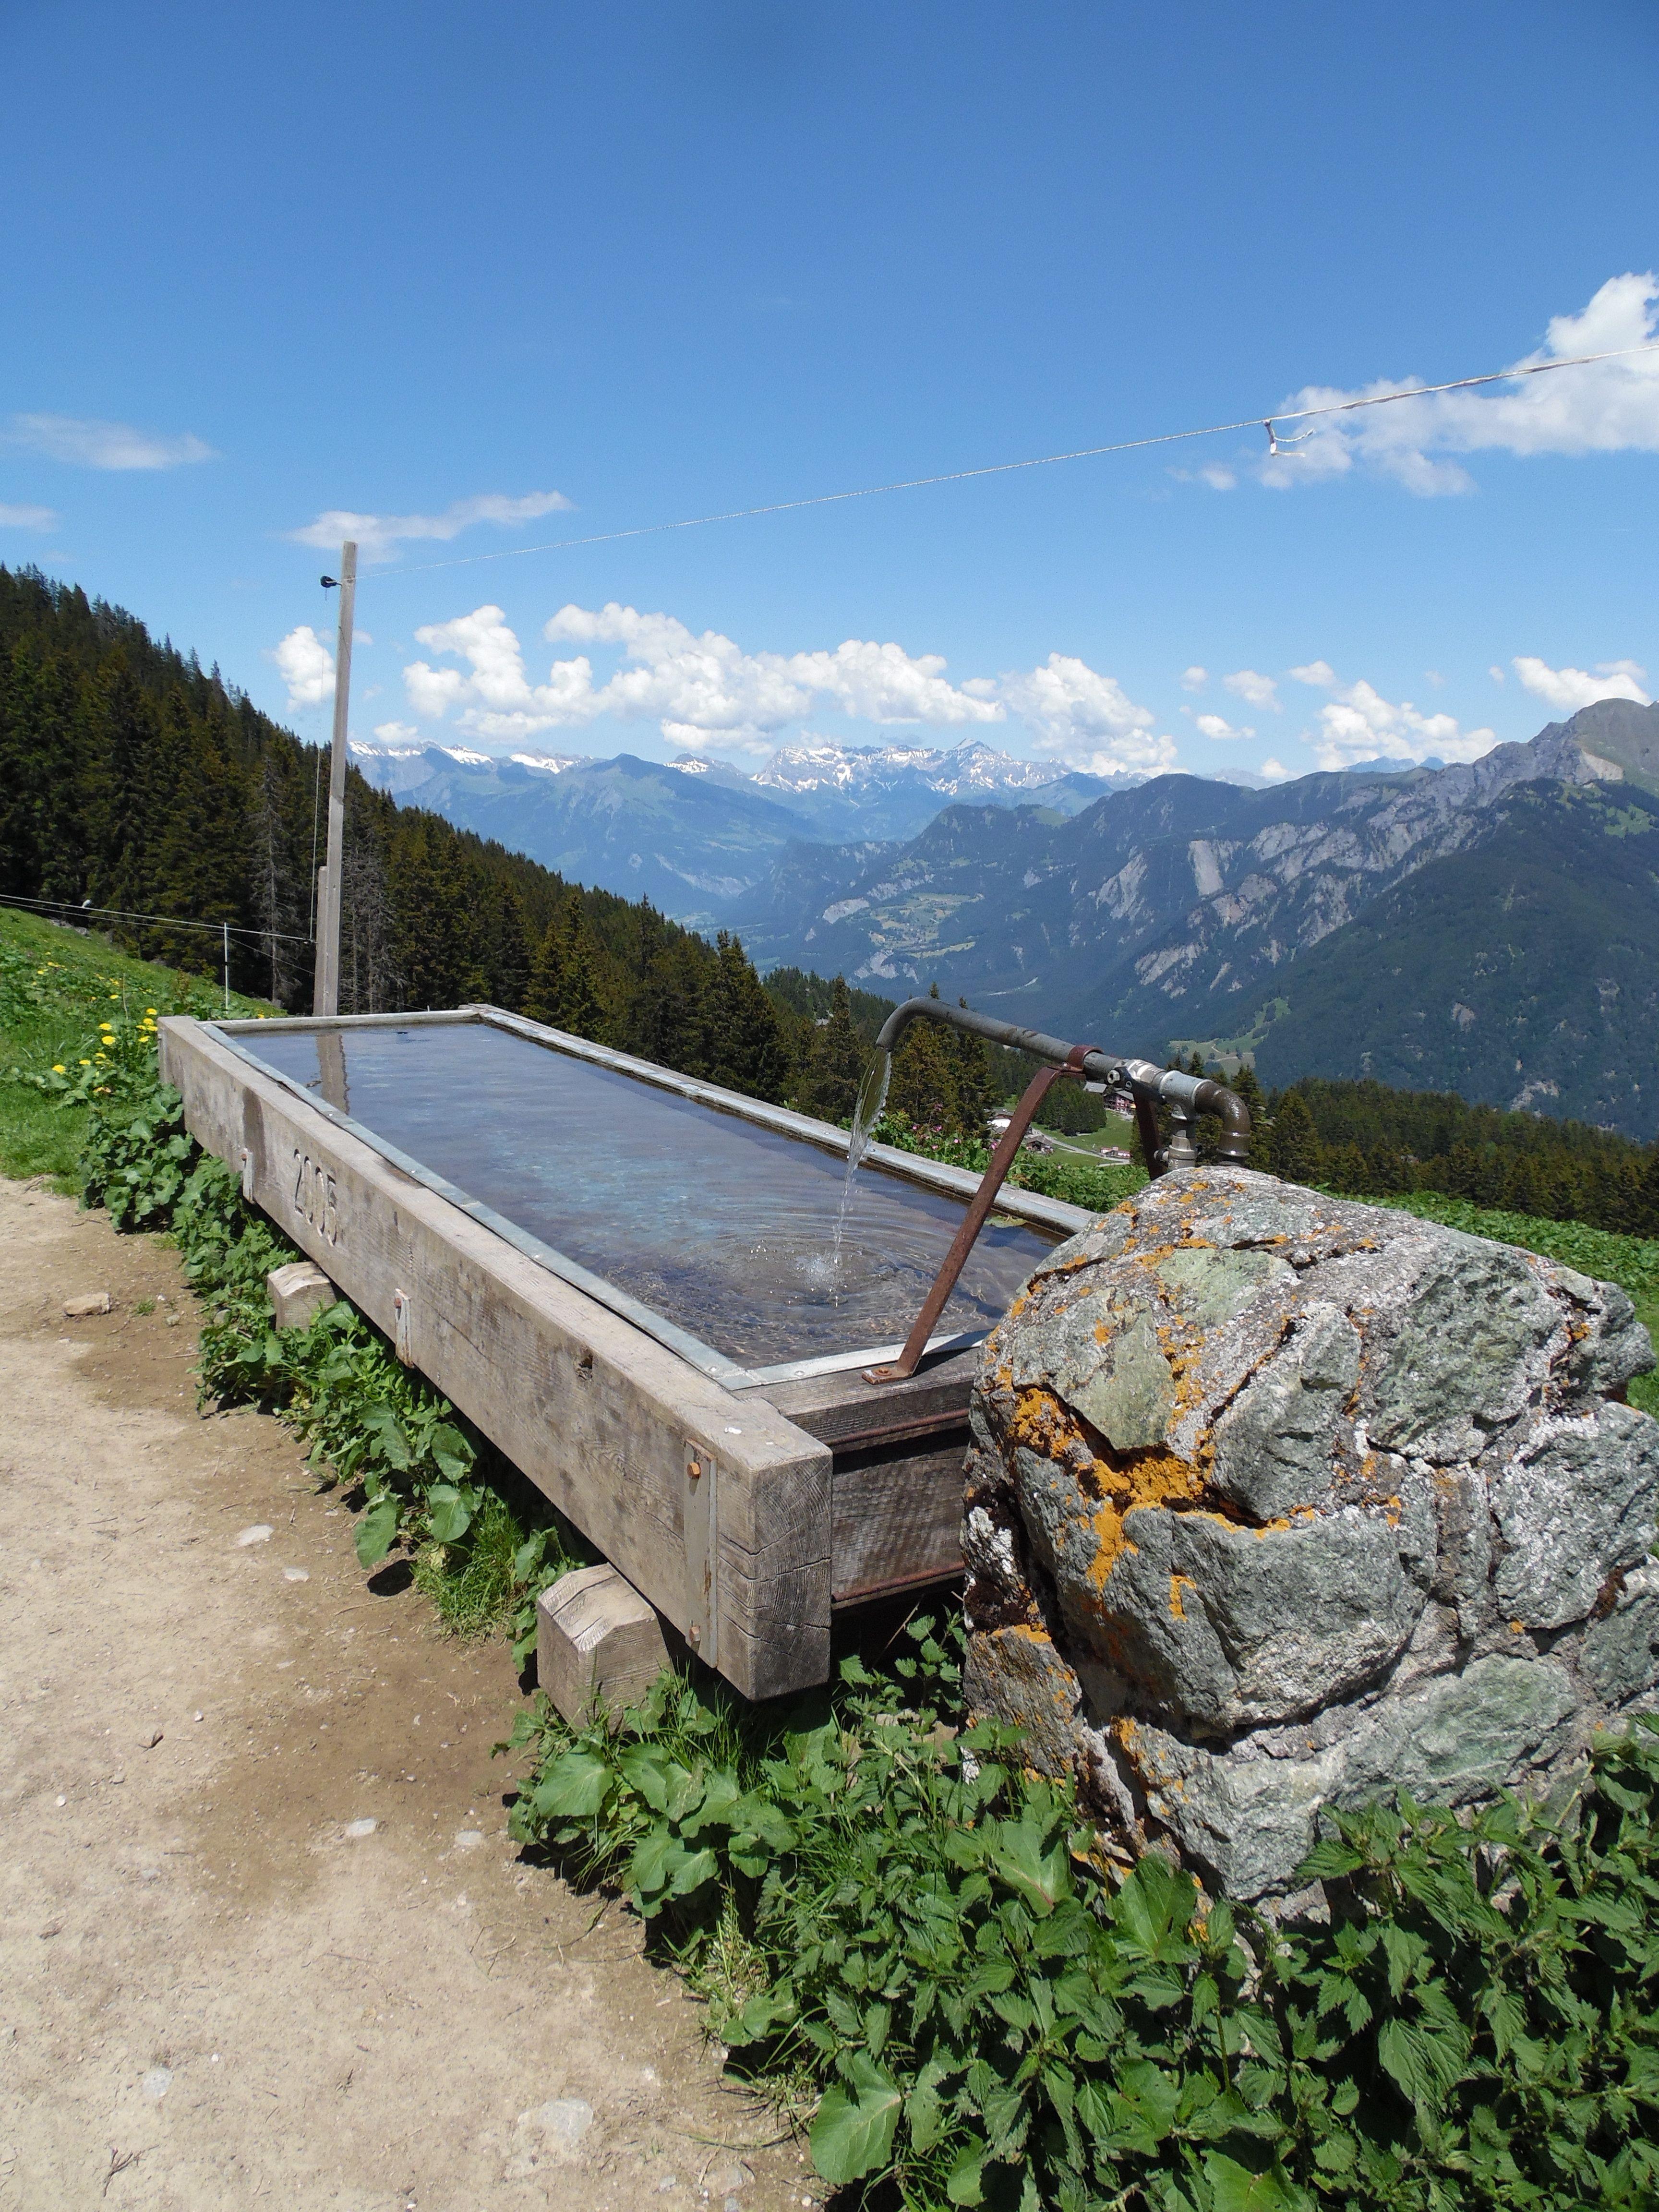 Auf dem Weg zum Gipfel gibt es viele Arten sich zu erfrischen.  www.hotelauszeit.ch www.facebook.com/hotelauszeit www.instagram.com/hotelauszeit